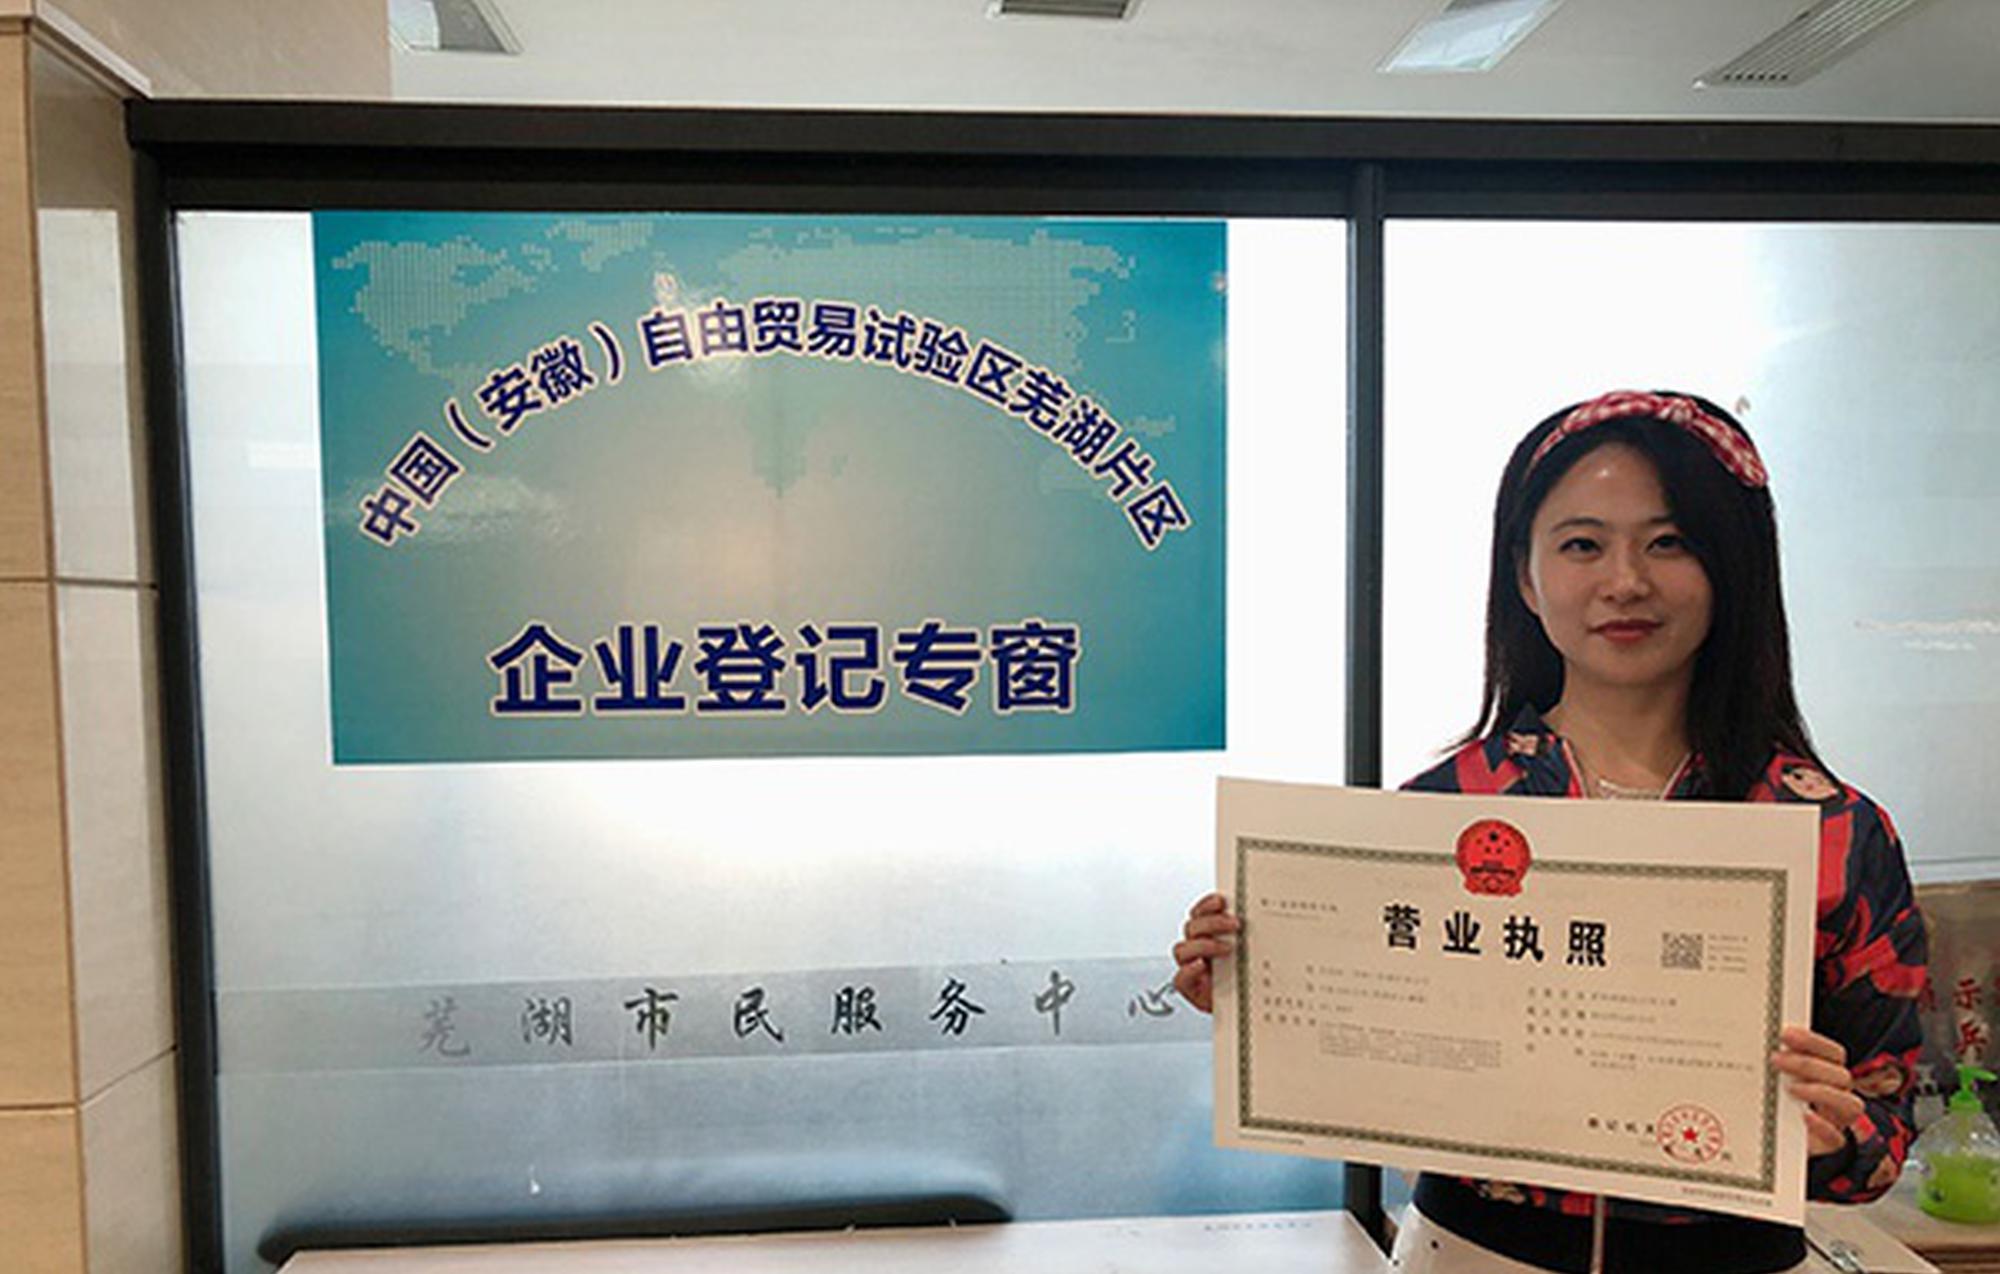 安徽自贸区芜湖片区首批34家企业注册入驻